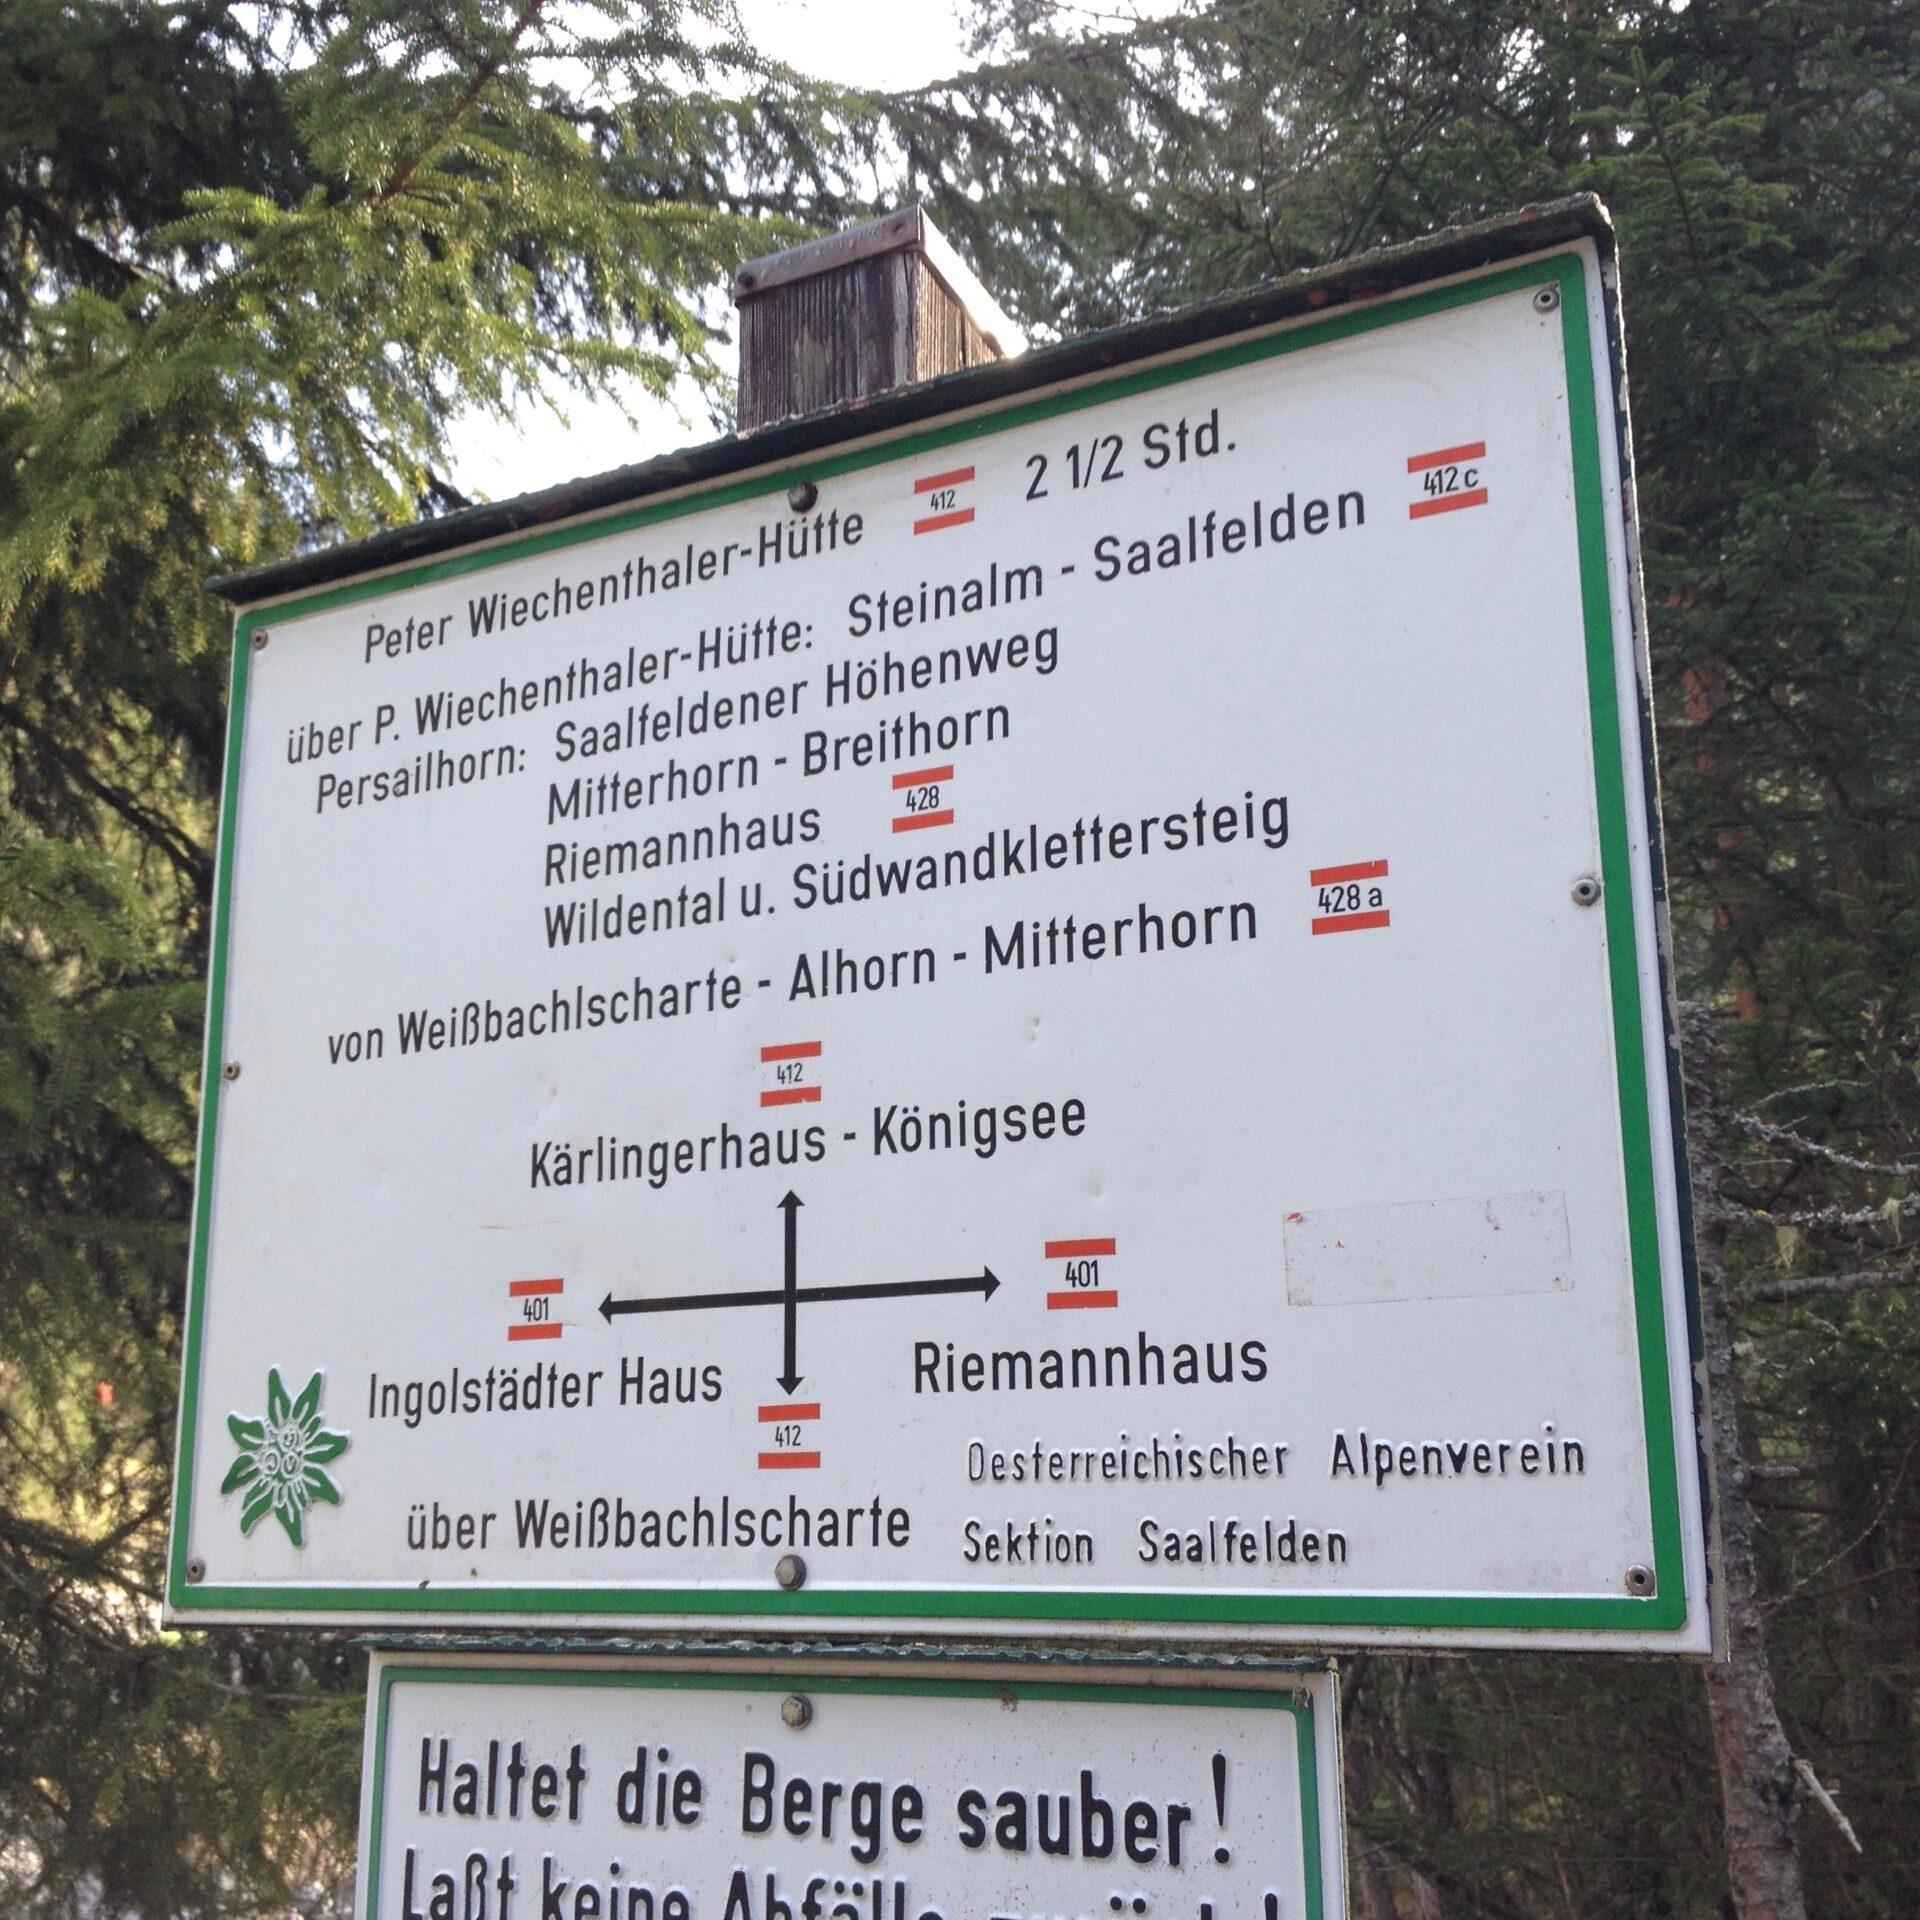 Aufstiegsmöglichkeiten zur Peter-Wiechenthaler-Hütte